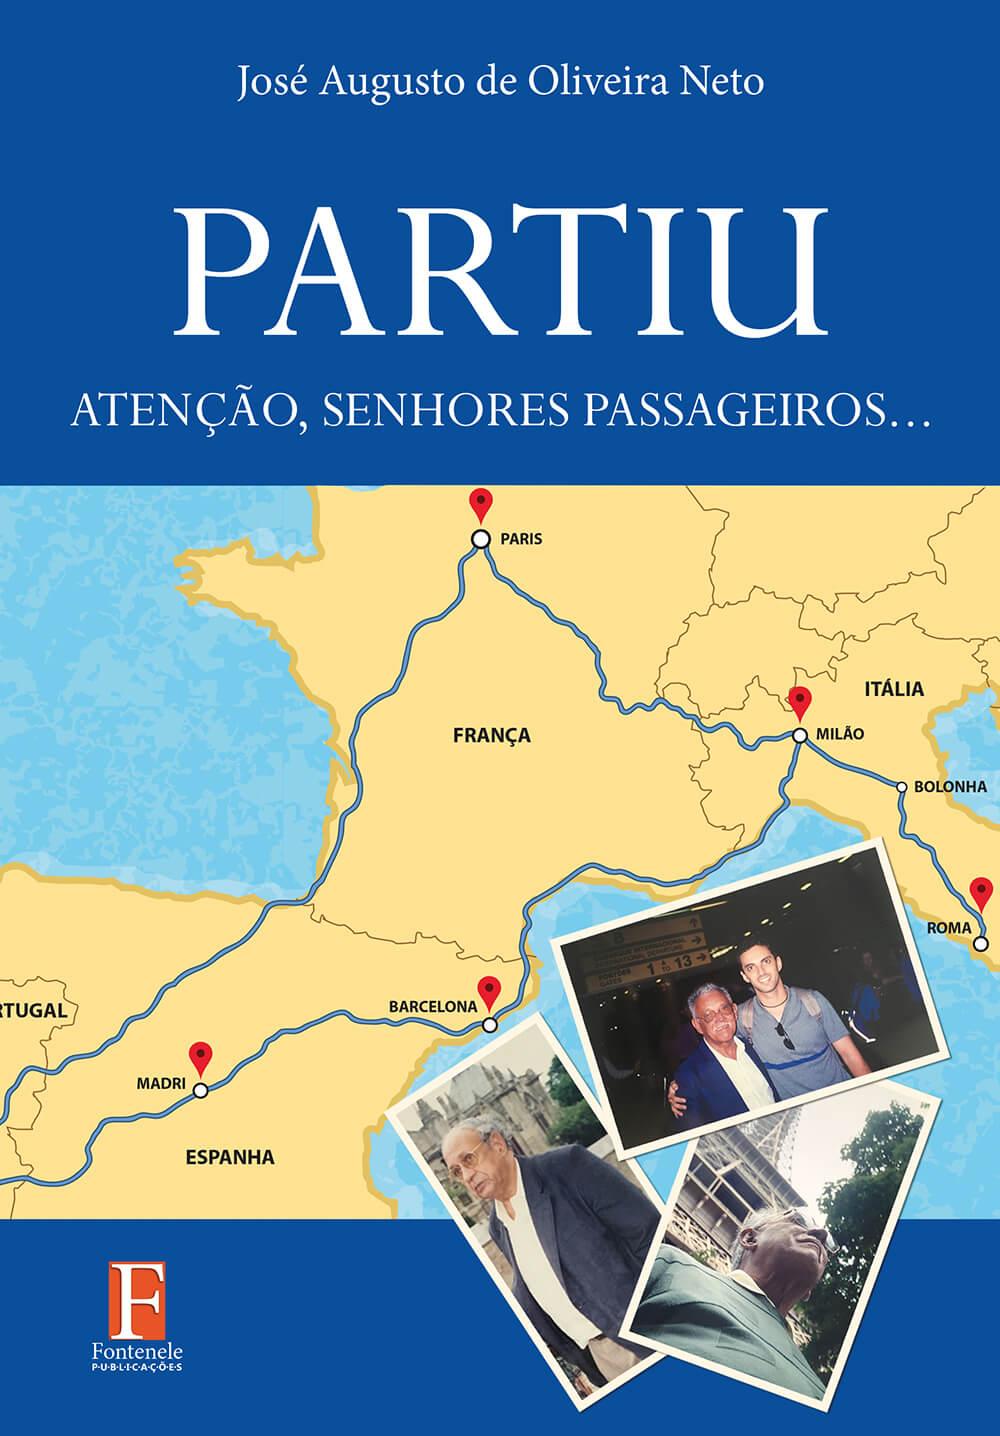 Fontenele Publicações / 11 95150-3481 / 11  95150-4383 PARTIU: Atenção, senhores passageiros…